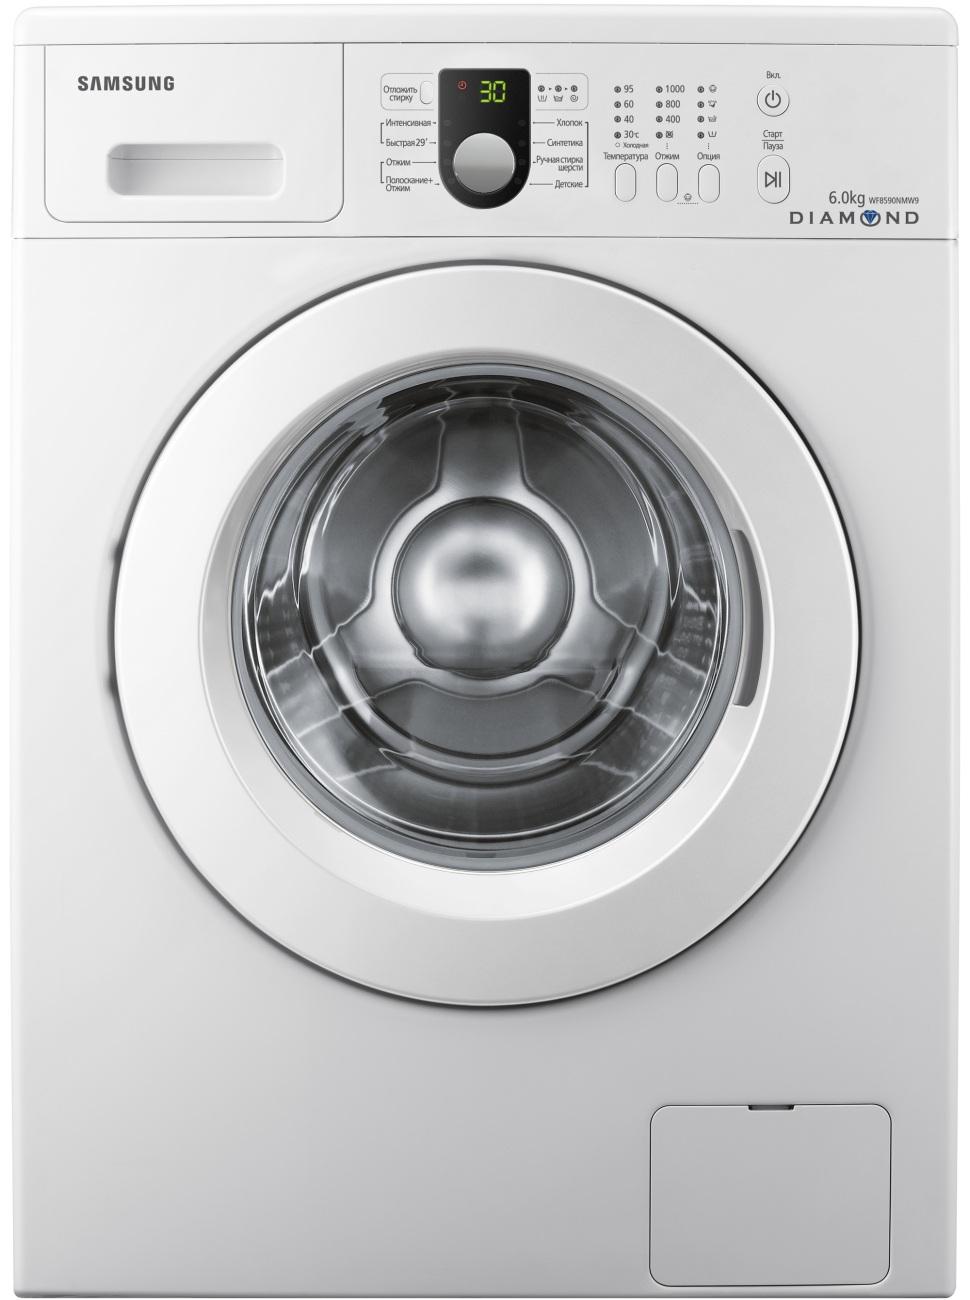 инструкция по разборке стиральной машины samsung wf-f861